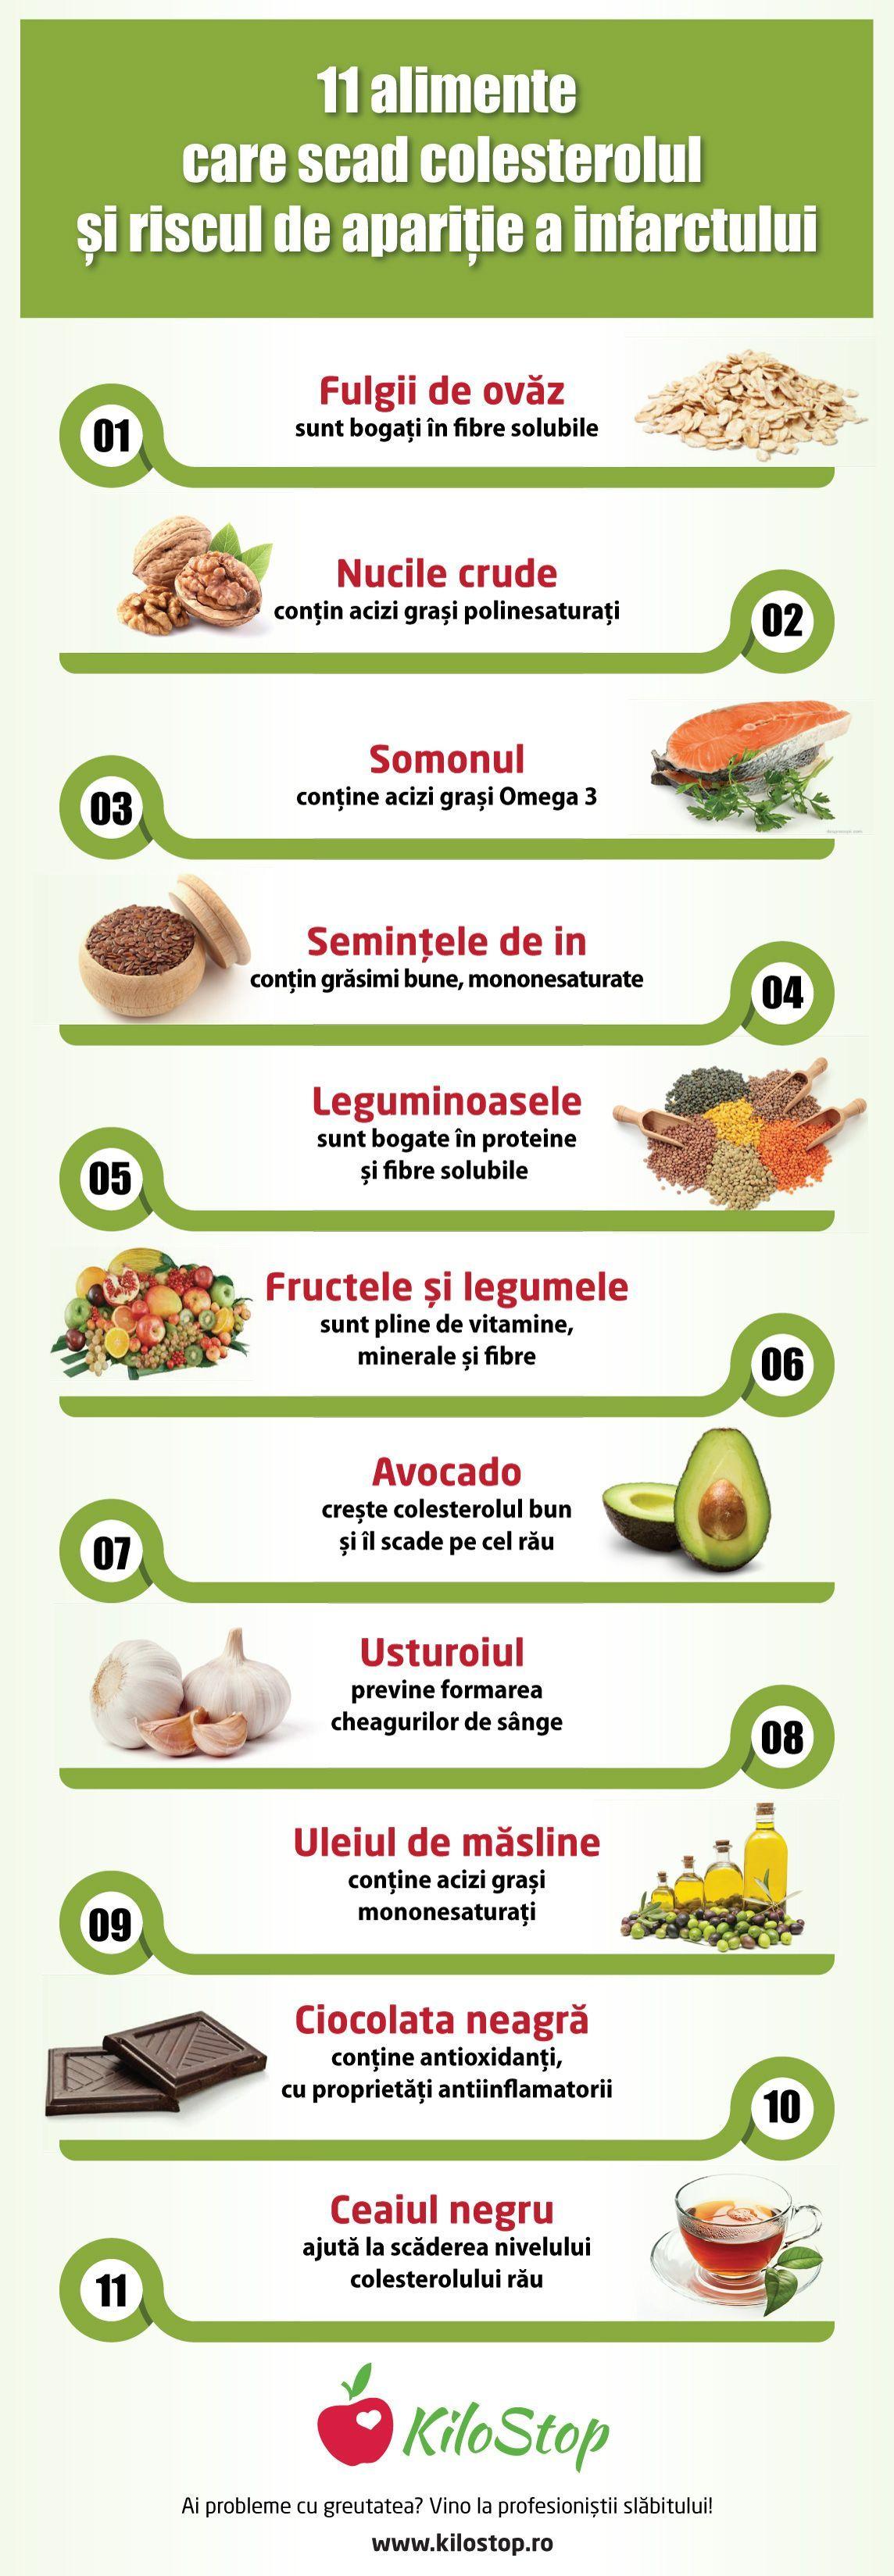 riscuri pentru sănătate cu pierderea în greutate modalități simple de a pierde în greutate în mod natural